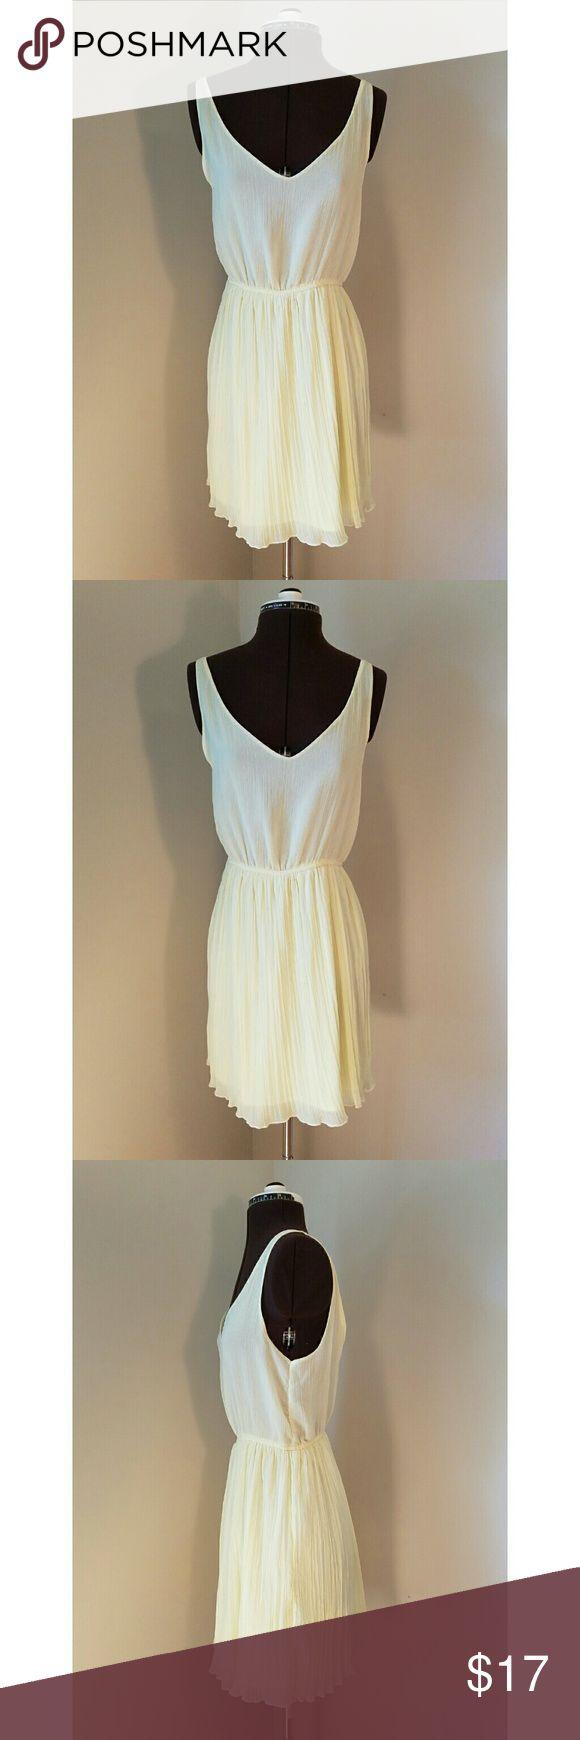 Zara Trafaluc Yellow Chiffon Dress L No stains or damage. Zara Trafaluc. Size L. Light yellow. Open back. Zara Dresses Mini